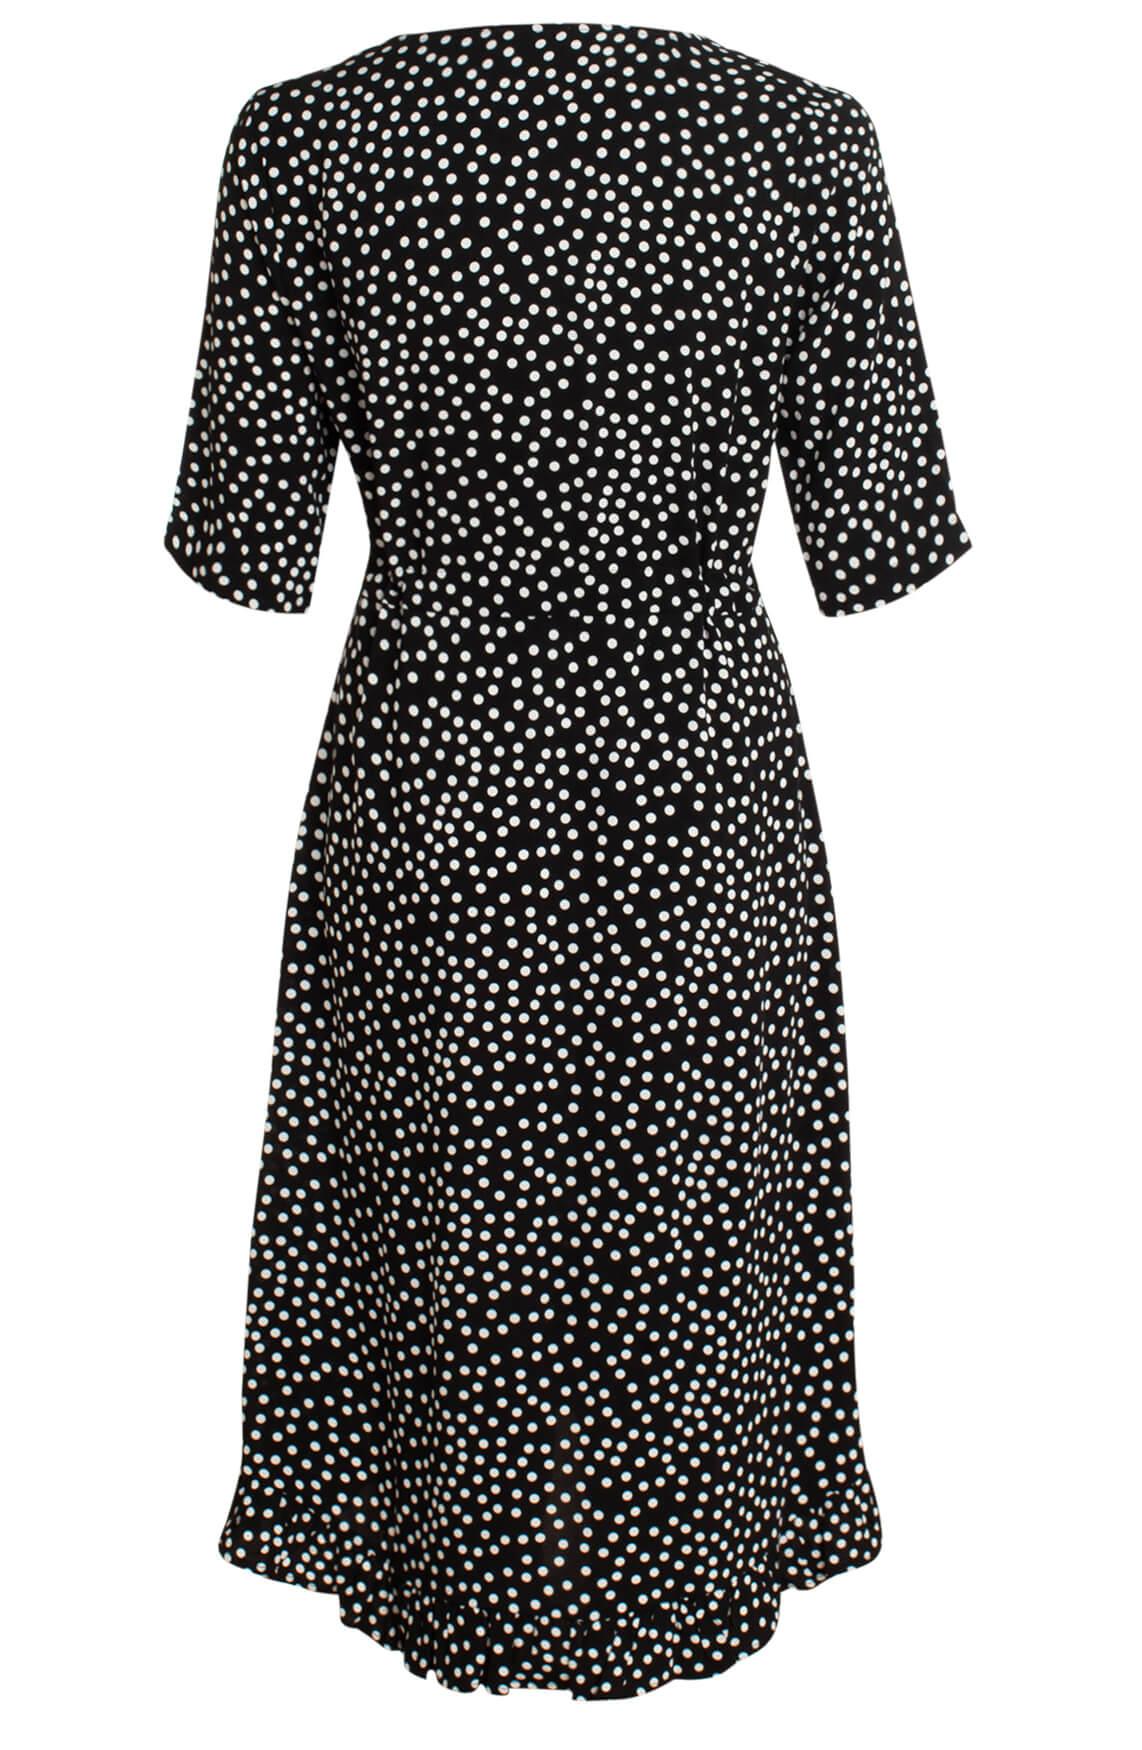 Anna Dames Gestippelde jurk zwart